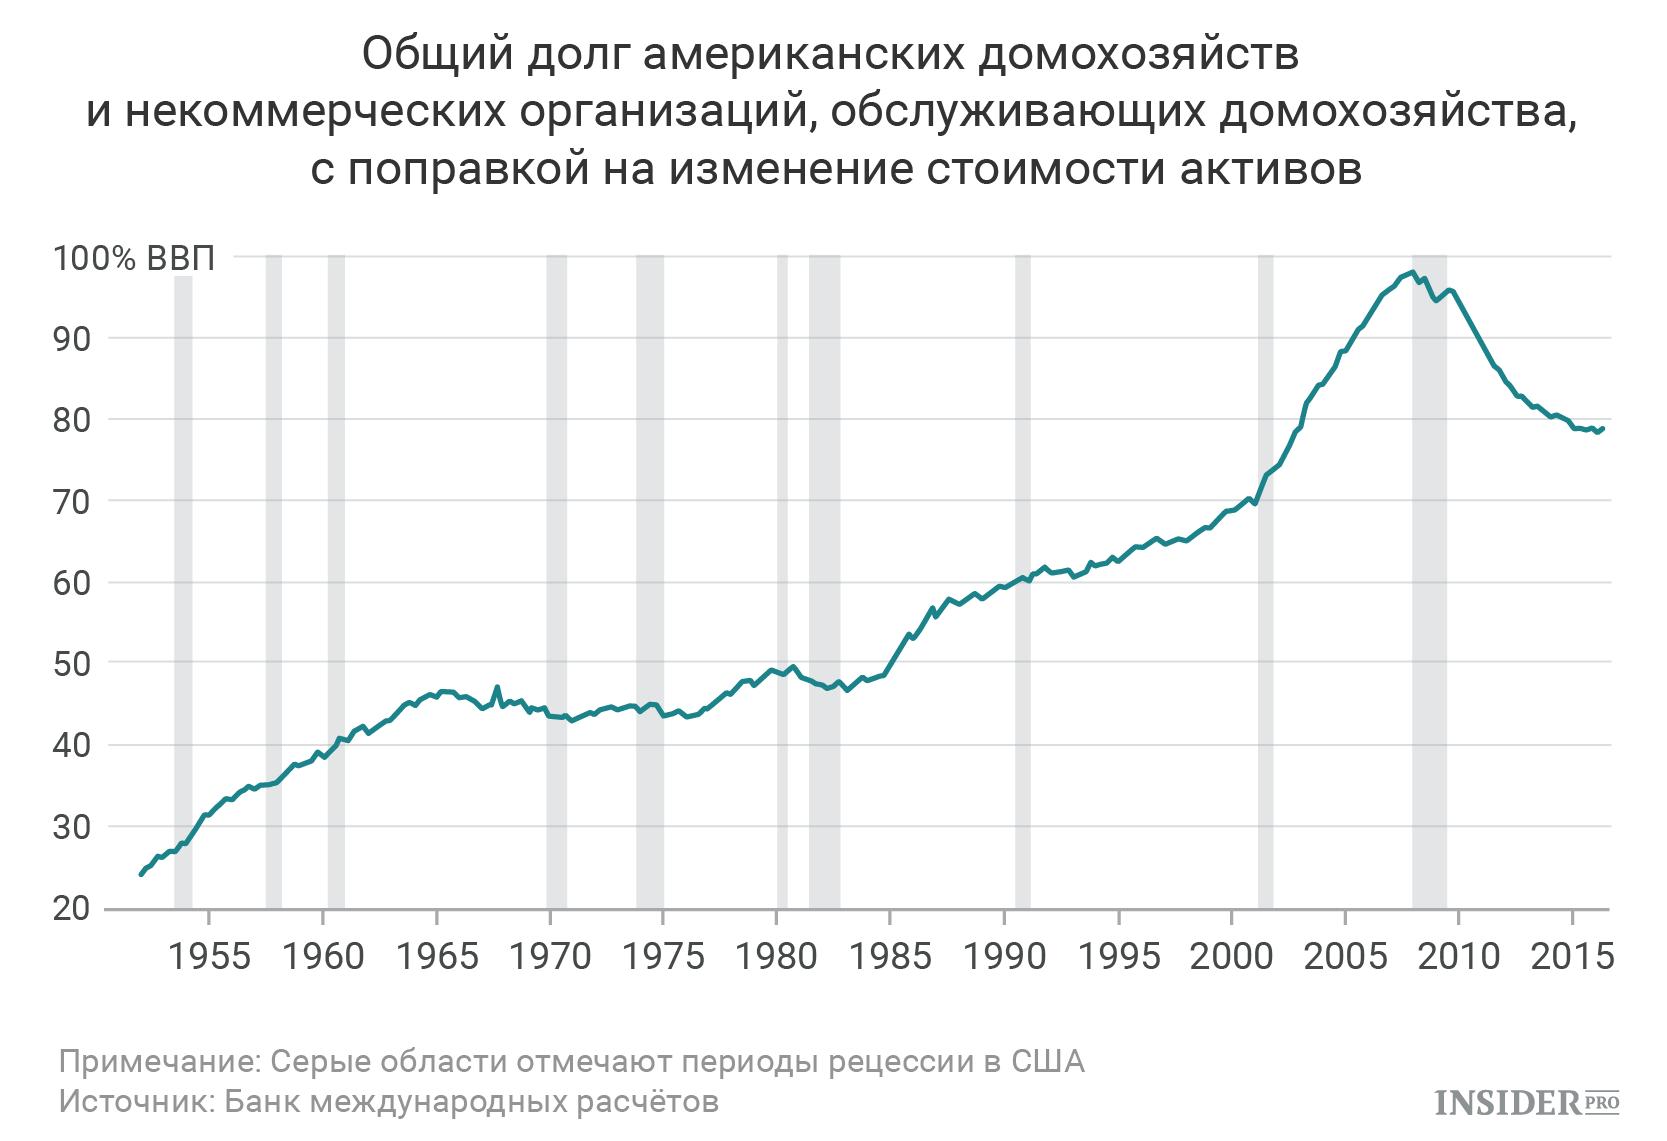 Общий долг американских домохозяйств